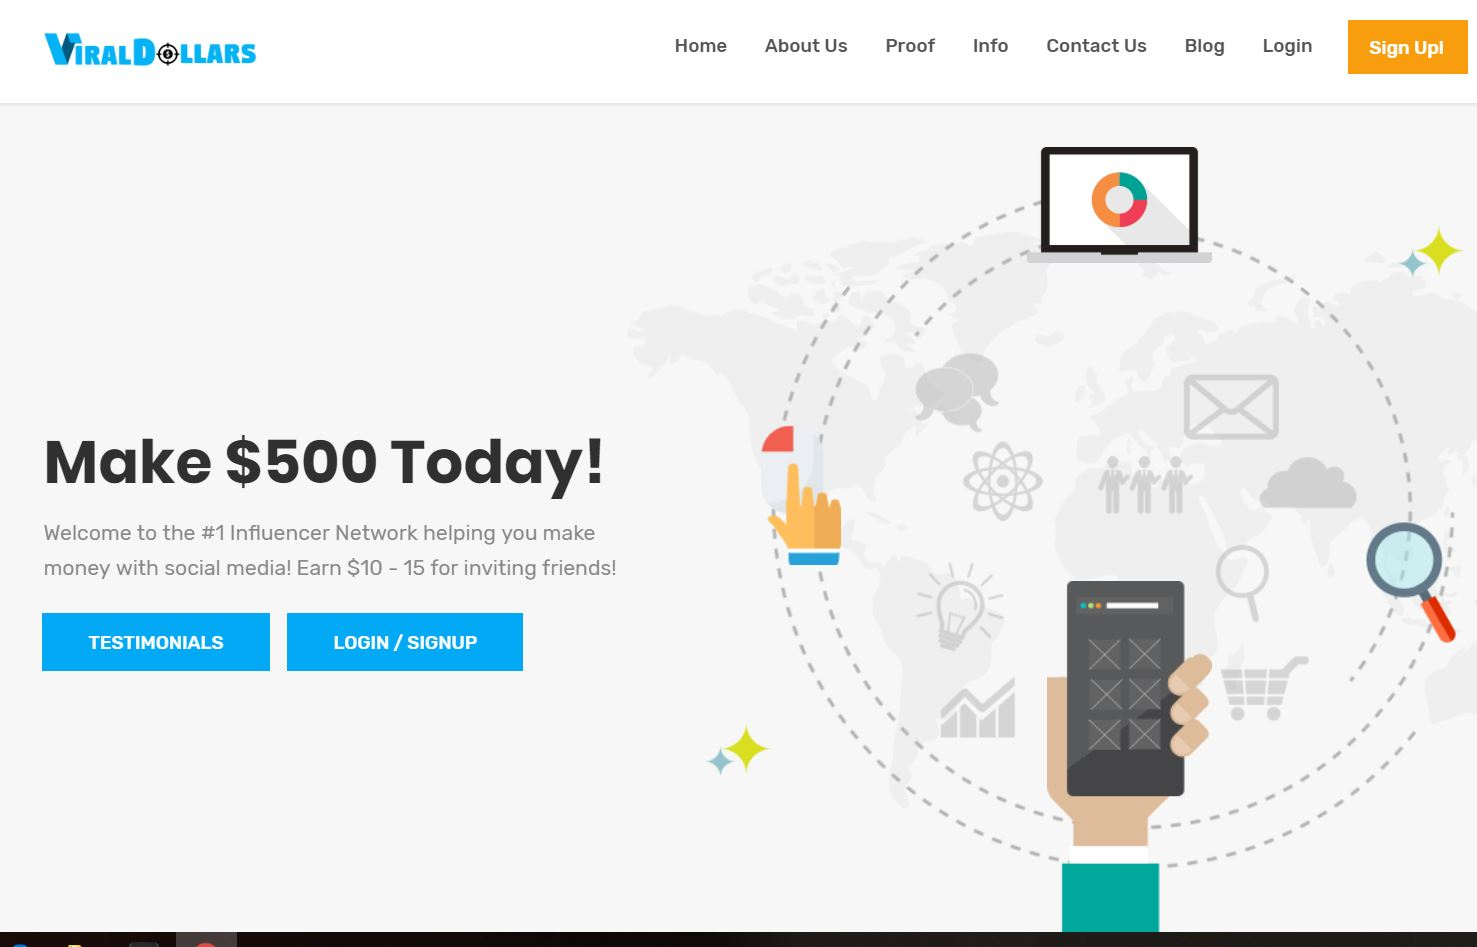 Viral Dollars Homepage